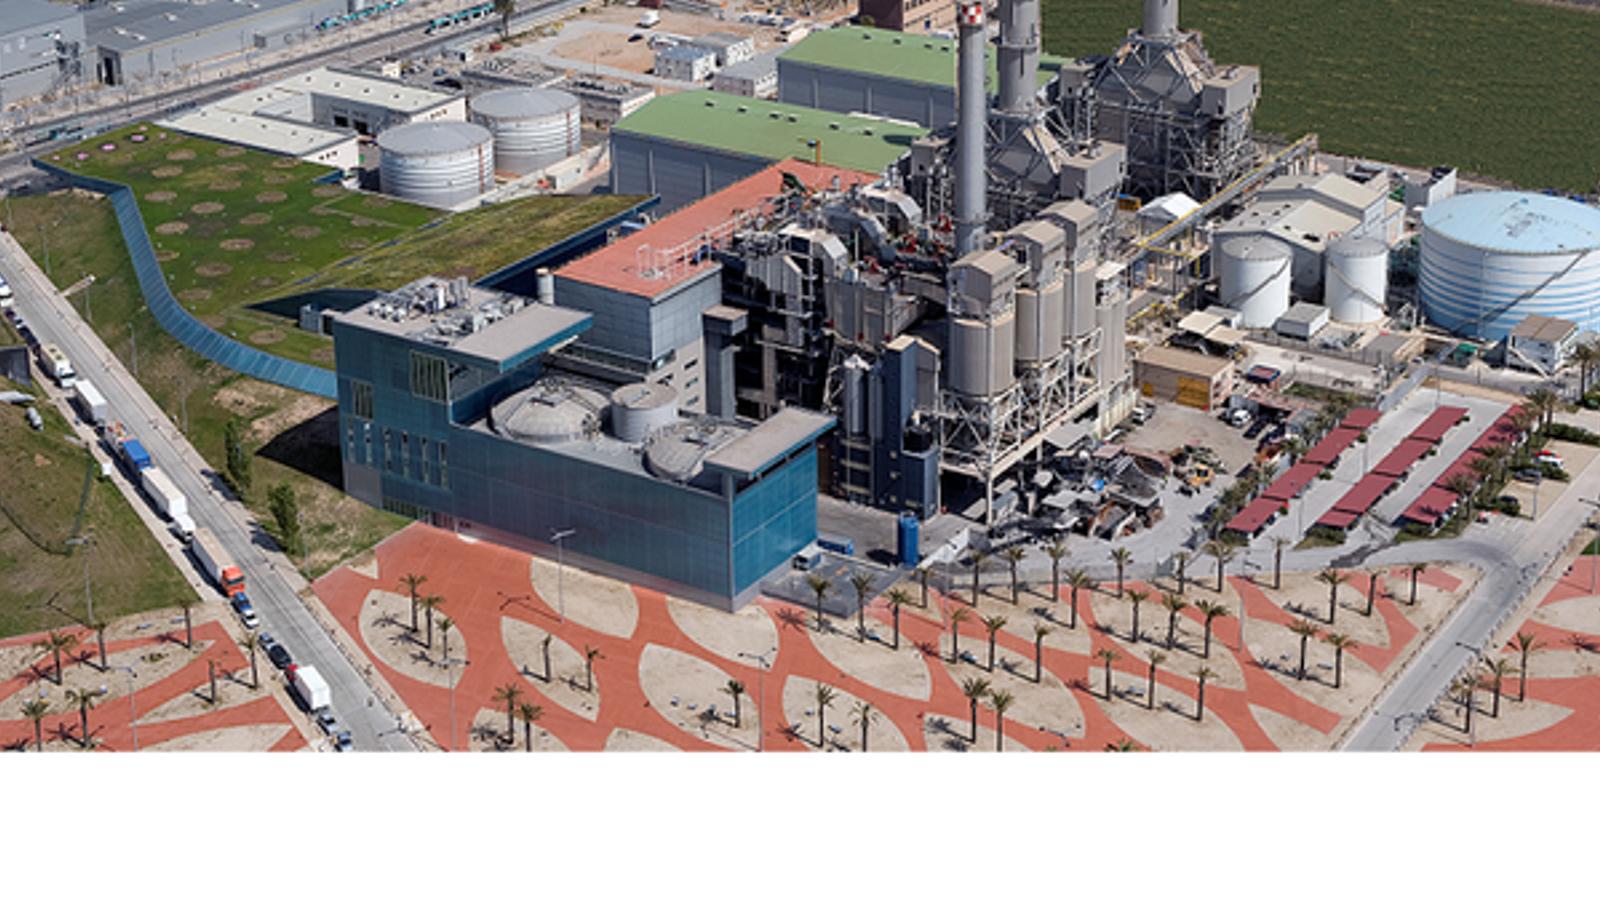 La incineradora de Sant Adrià, denunciada per contaminar l'aire amb dioxines cancerígenes